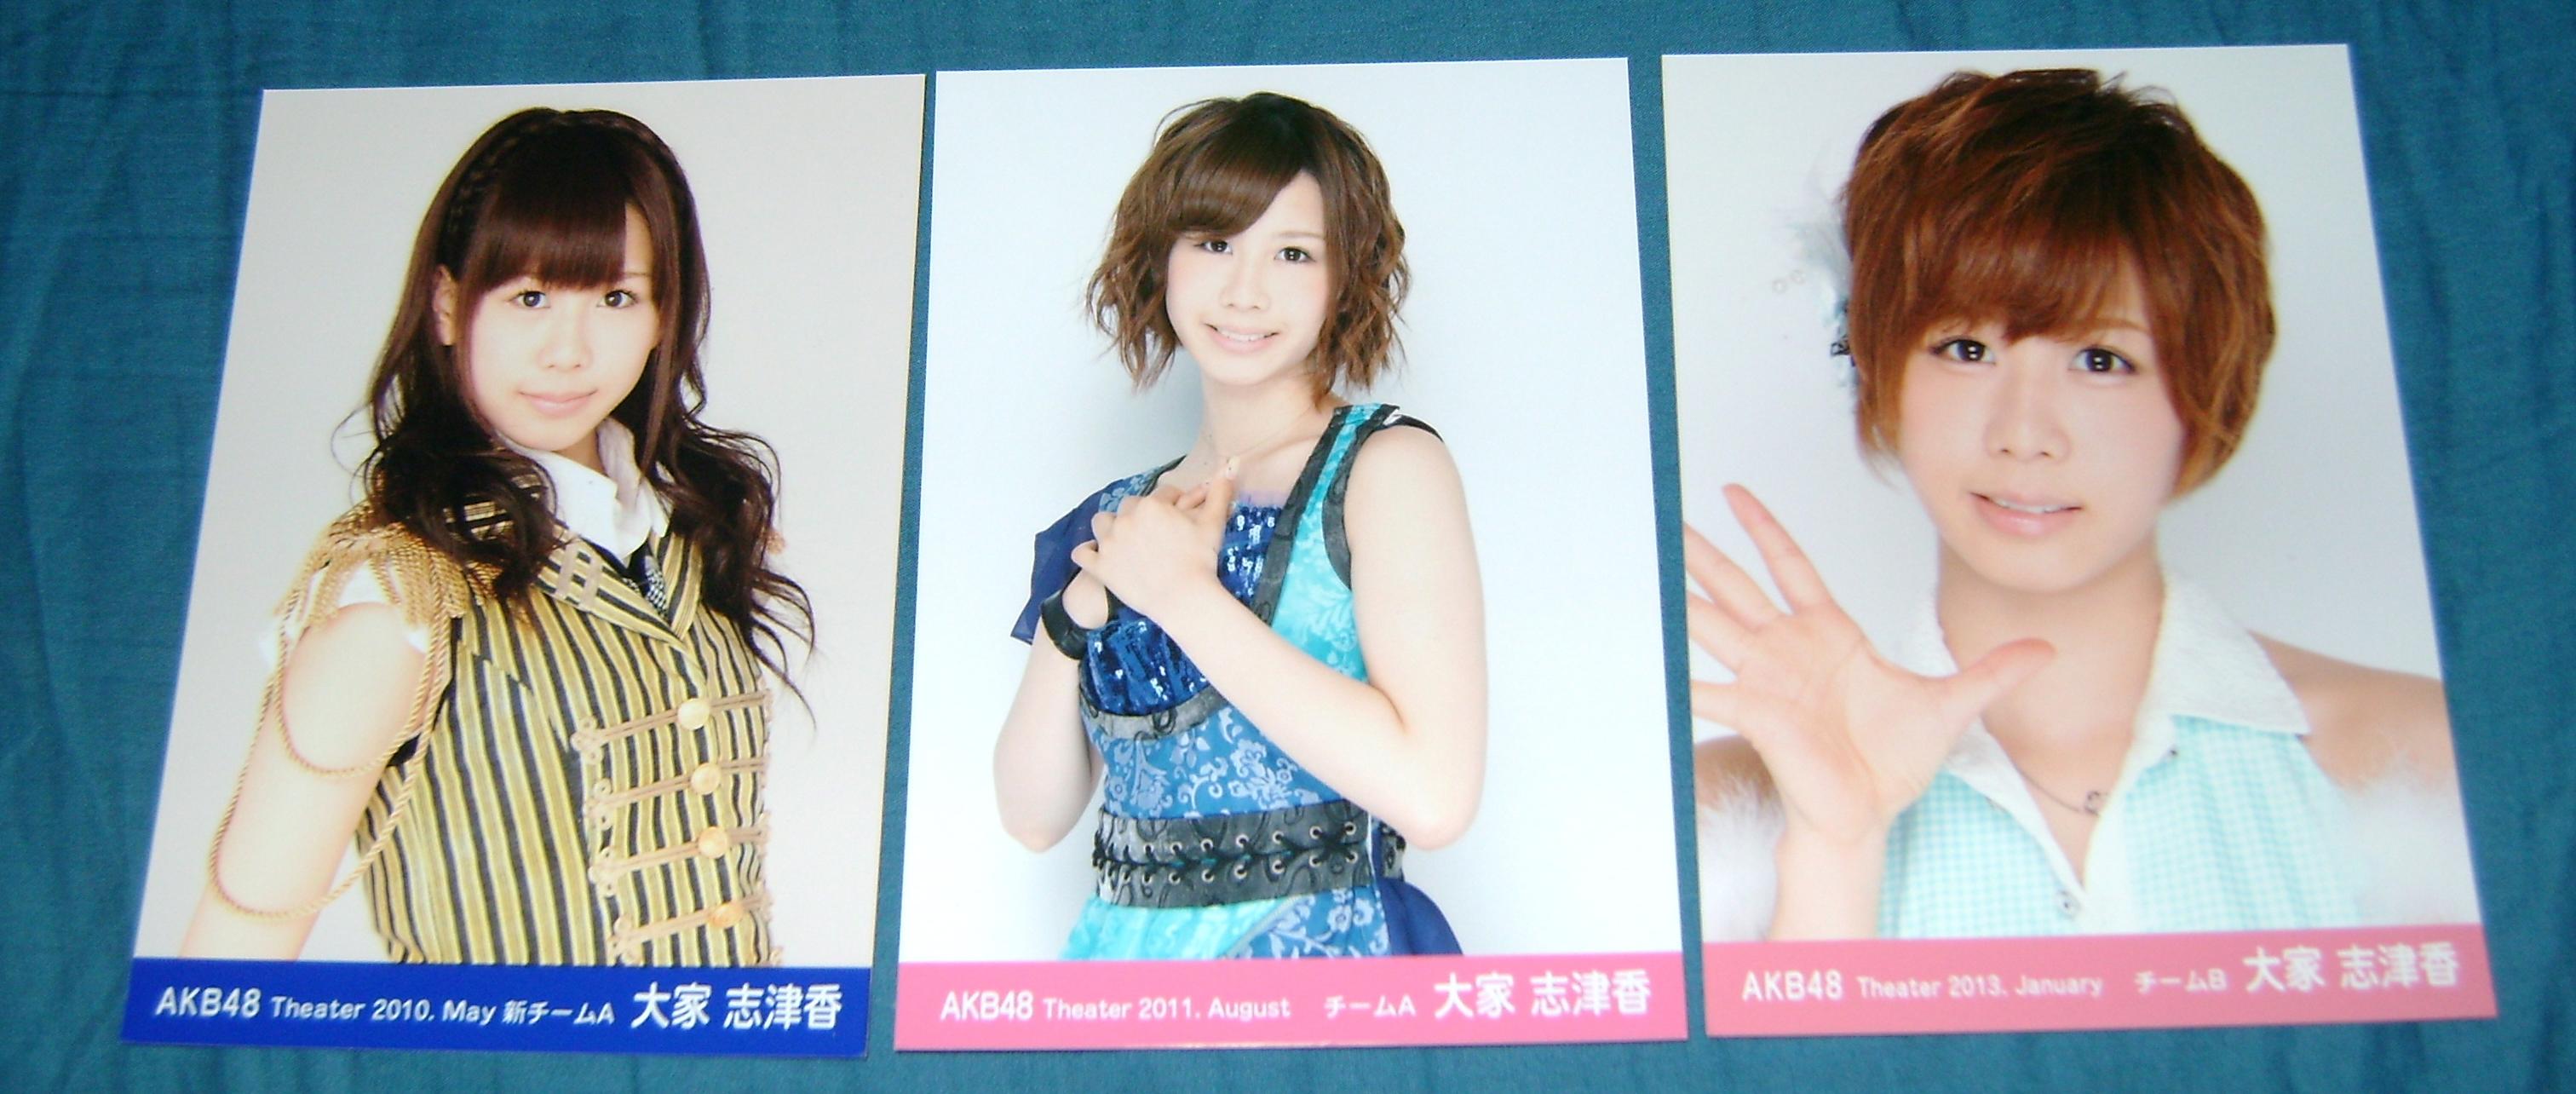 Shizuka photos 2 AKB48, A Musical Collection; Part 5!